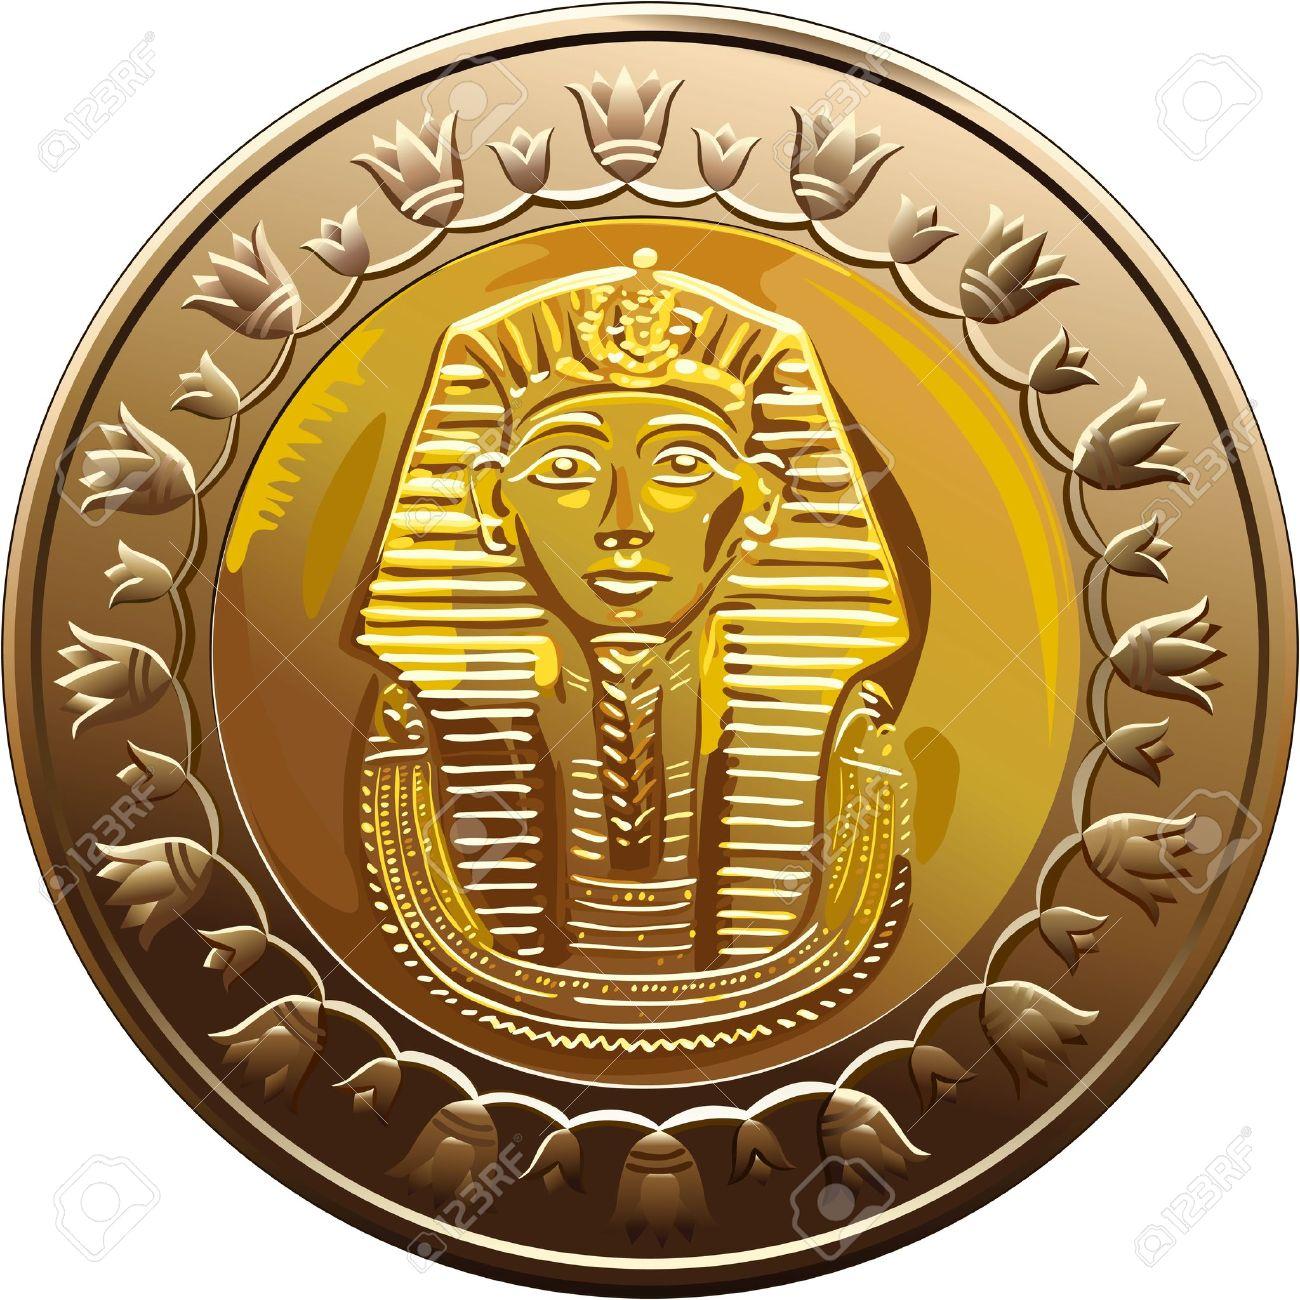 Republique Arabe D Egypte La Piece De 1 Livre Montre Le Pharaon Toutankhamon